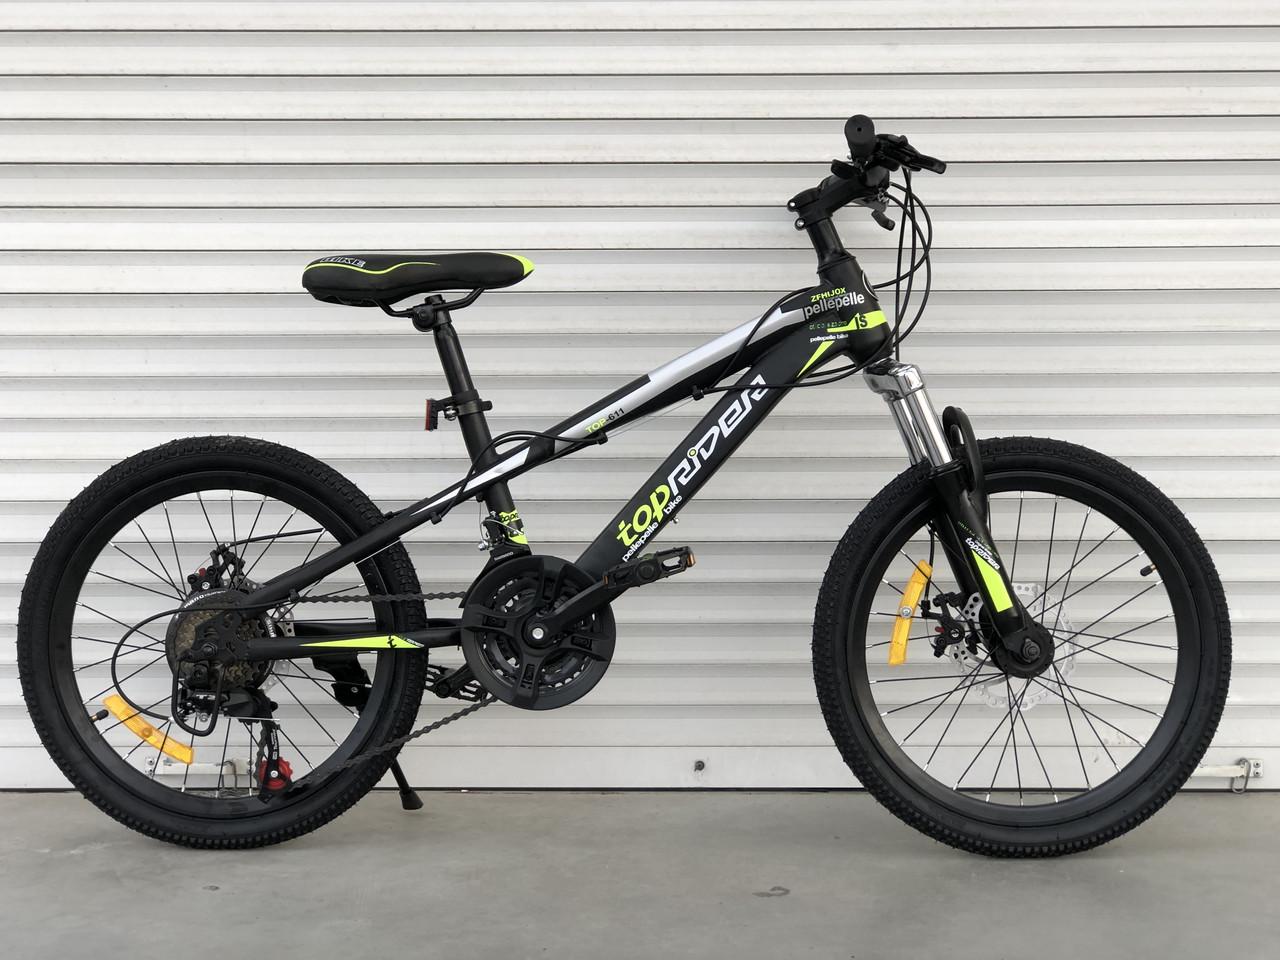 """Спортивный велосипед TopRider 611 колёса 20д / Shimano / рама стальная 13"""" / черно-салатовый"""